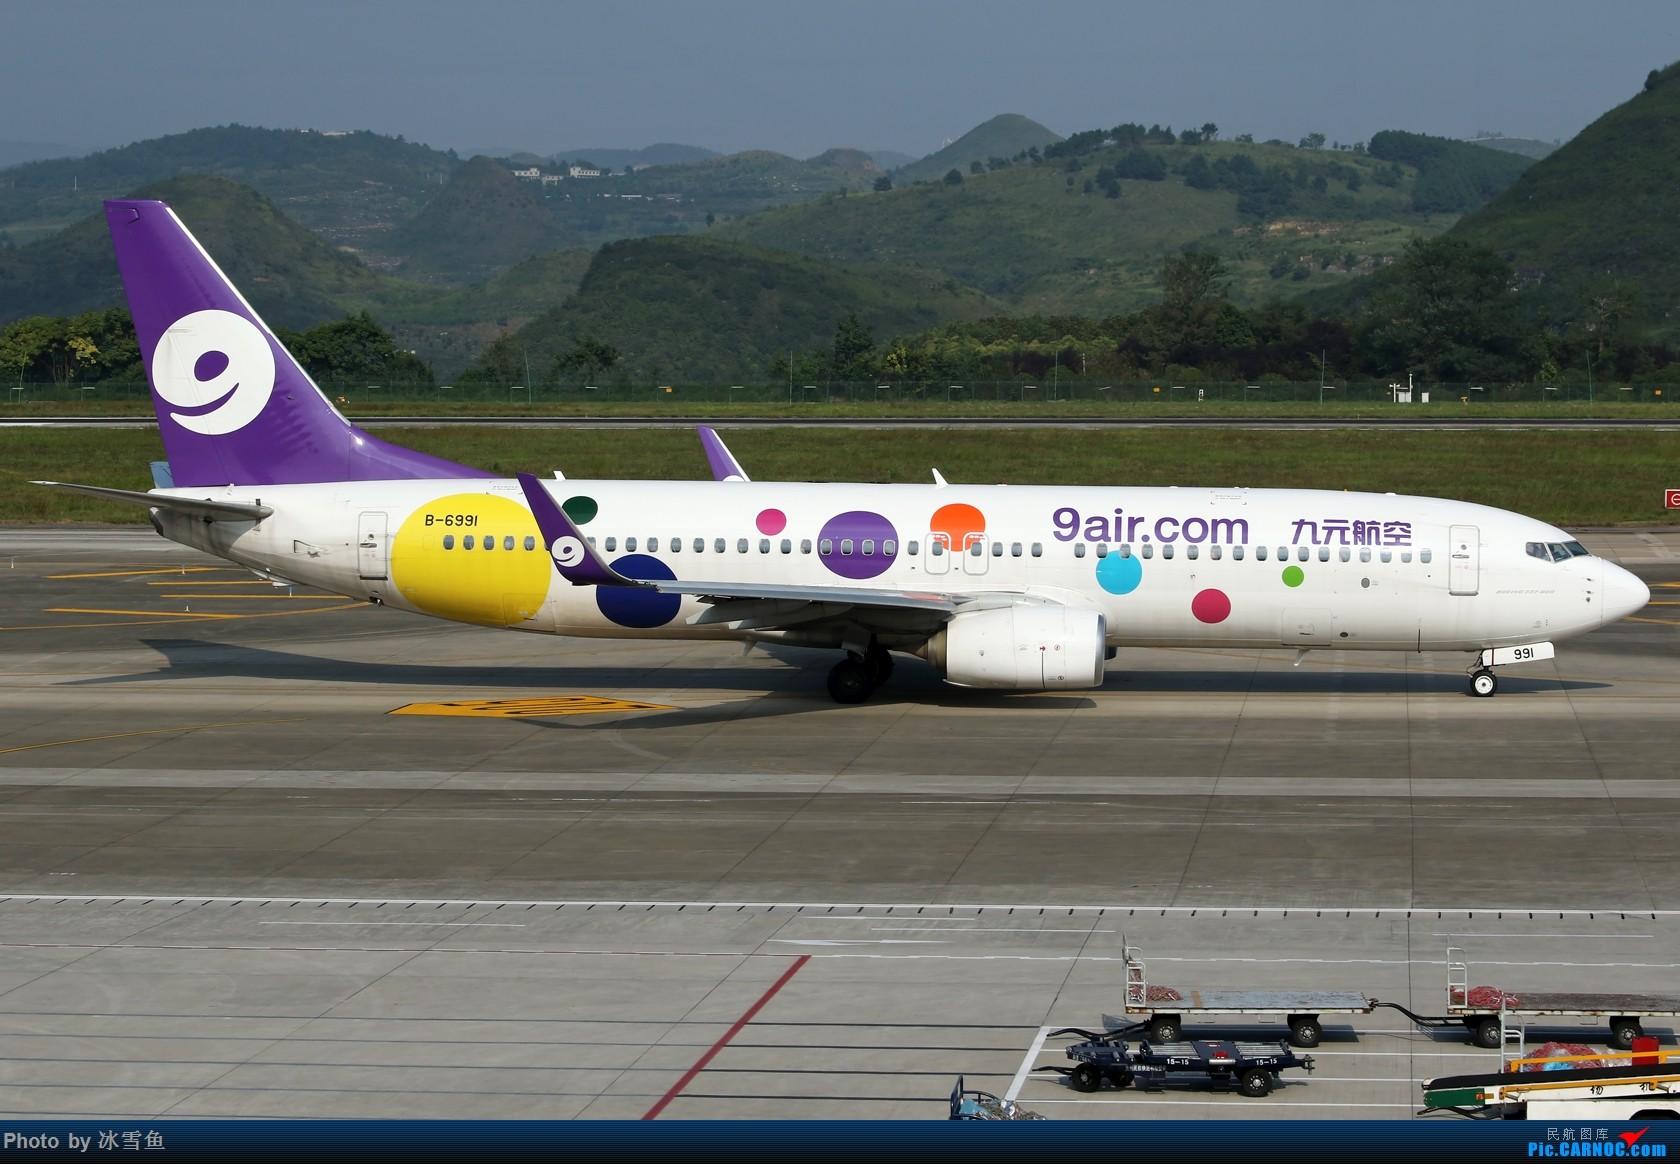 Re:[原创]【BLDDQ】贵阳龙洞堡,候机时拍几张,同时回味滑行道边曾经的拍机位 BOEING 737-800 B-6991 中国贵阳龙洞堡国际机场